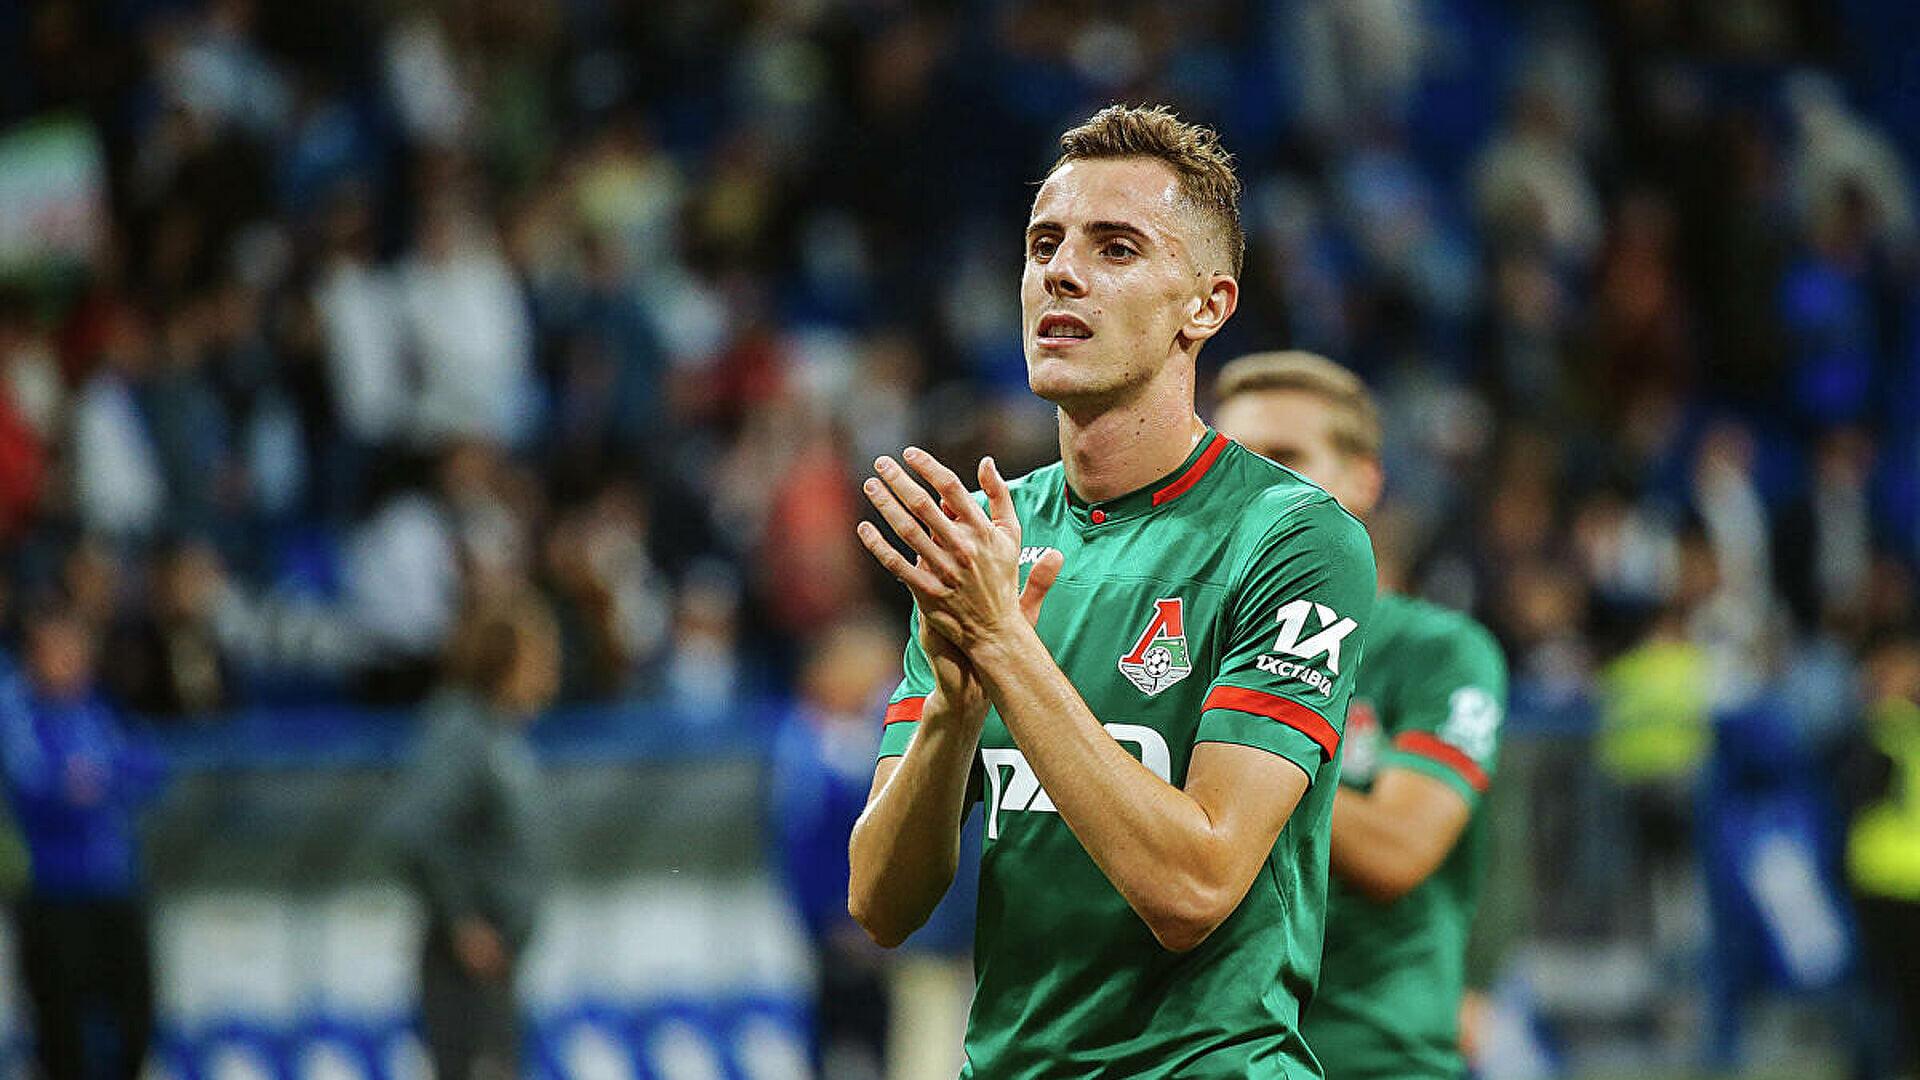 Локомотив заплатил около 2 млн евро за разрыв контракта с Джорджевичем